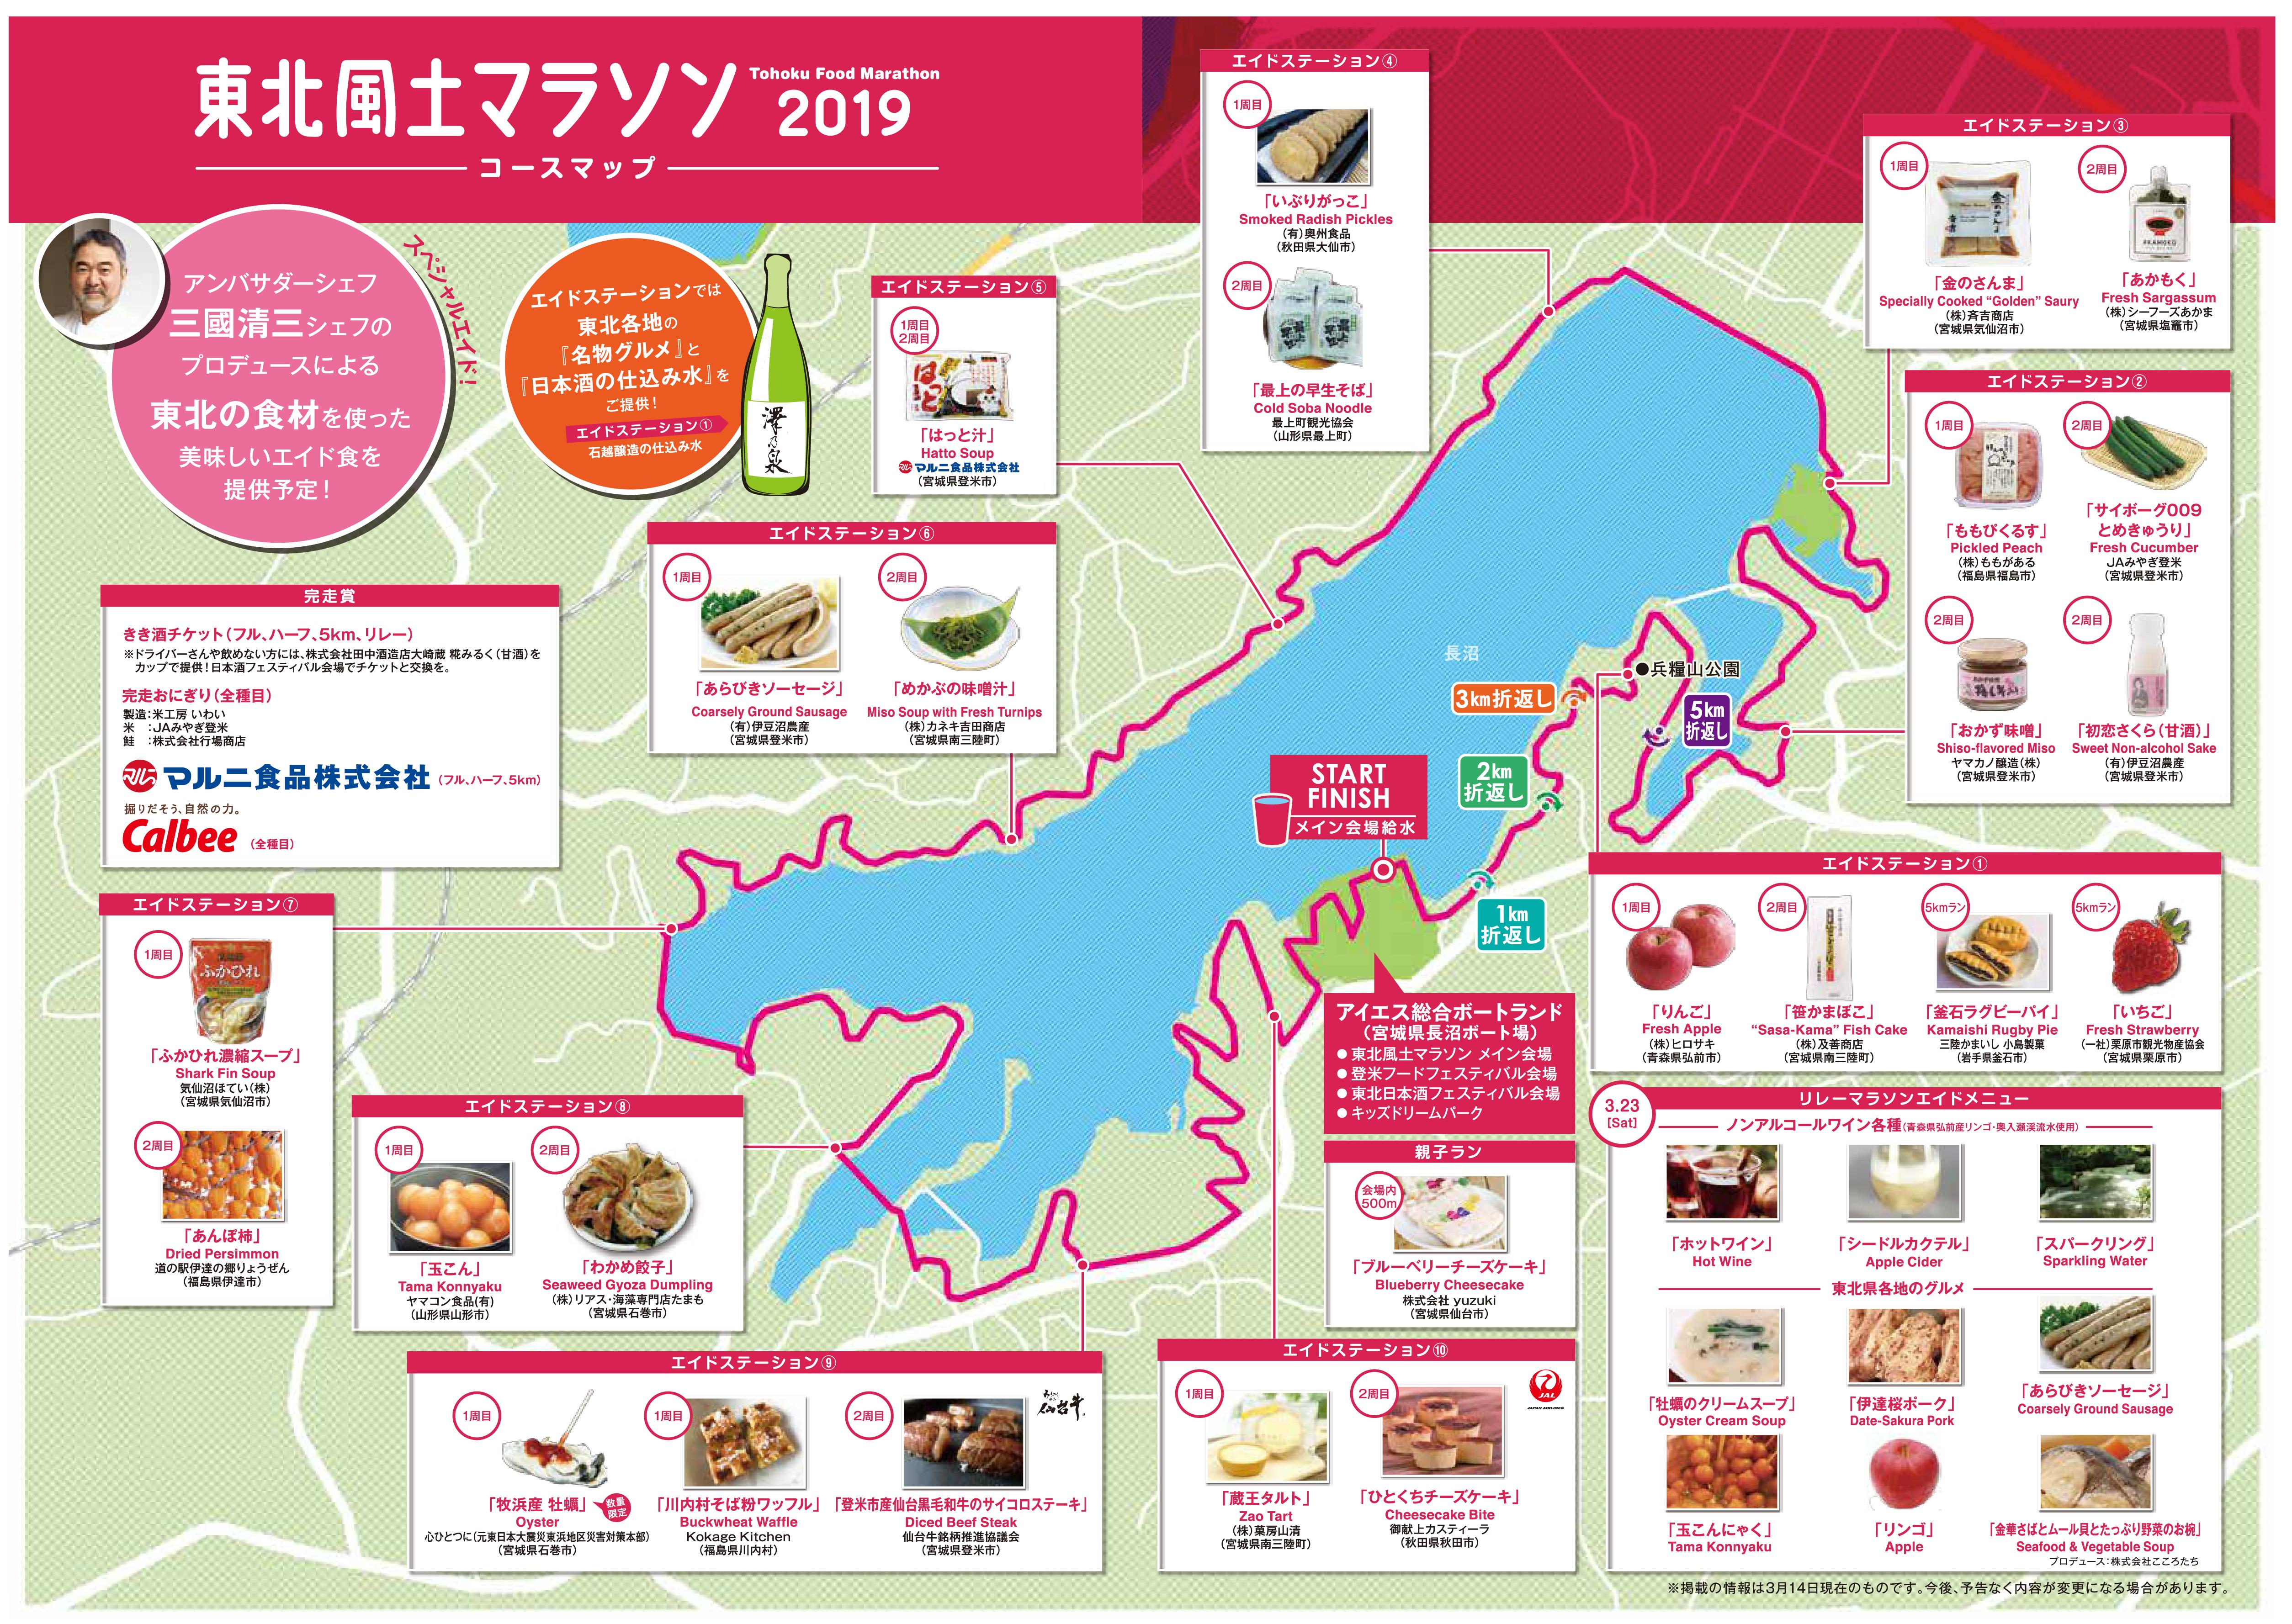 「東北風土マラソン2019」コースマップ